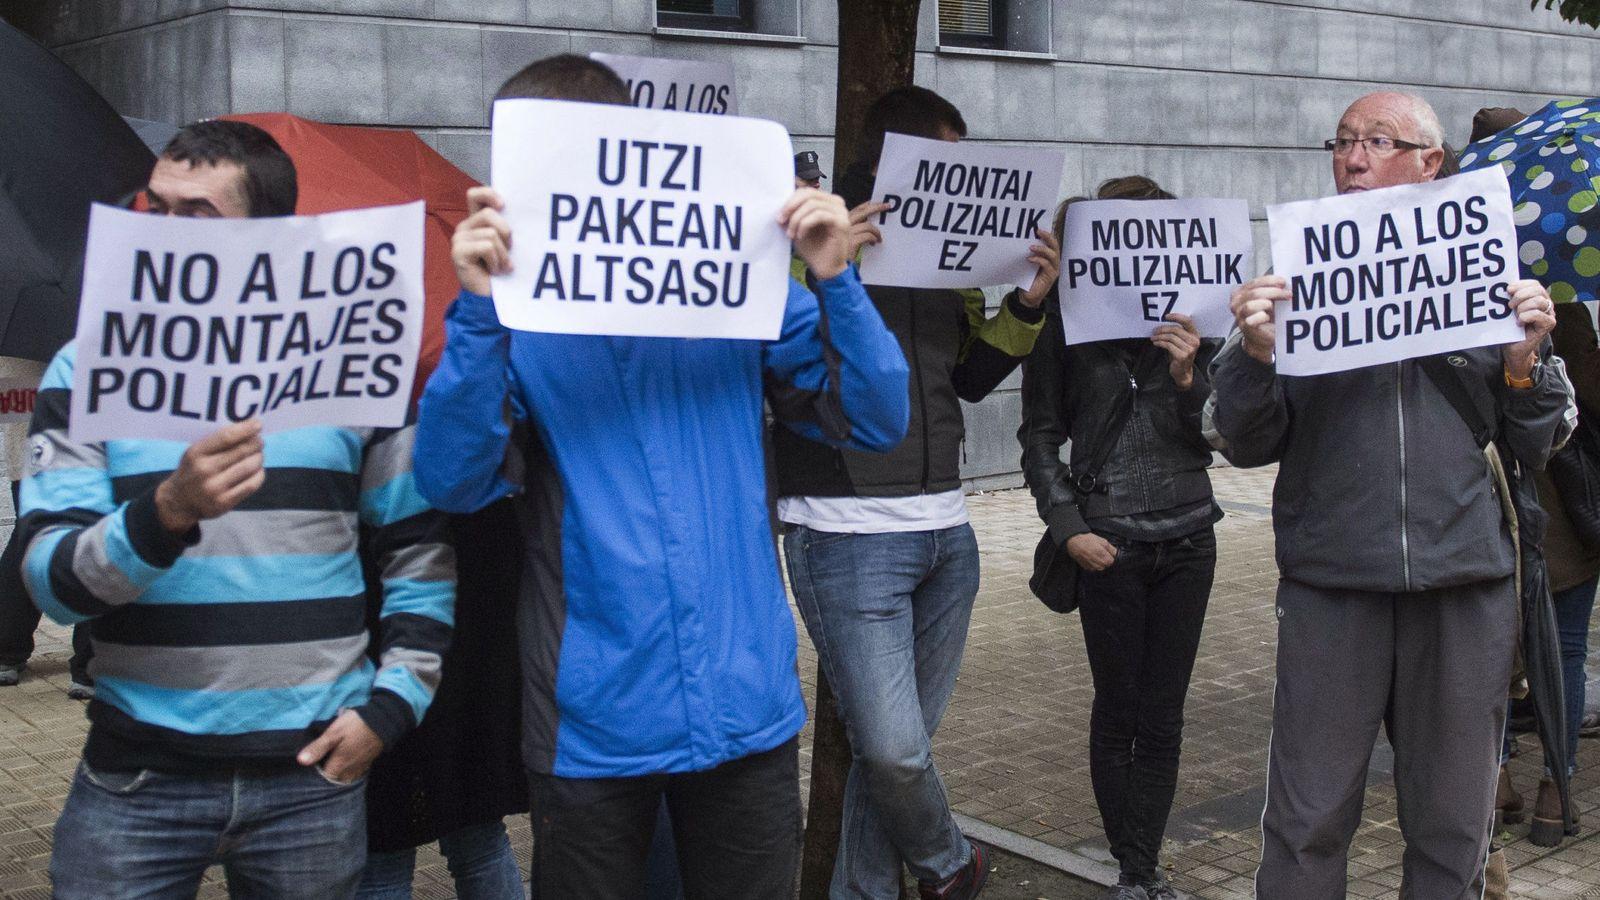 Foto: Un grupo de personas se concentra coincidiendo con la comparecencia de los dos jóvenes detenidos por la agresión del pasado sábado a dos agentes de la Guardia Civil. (EFE)